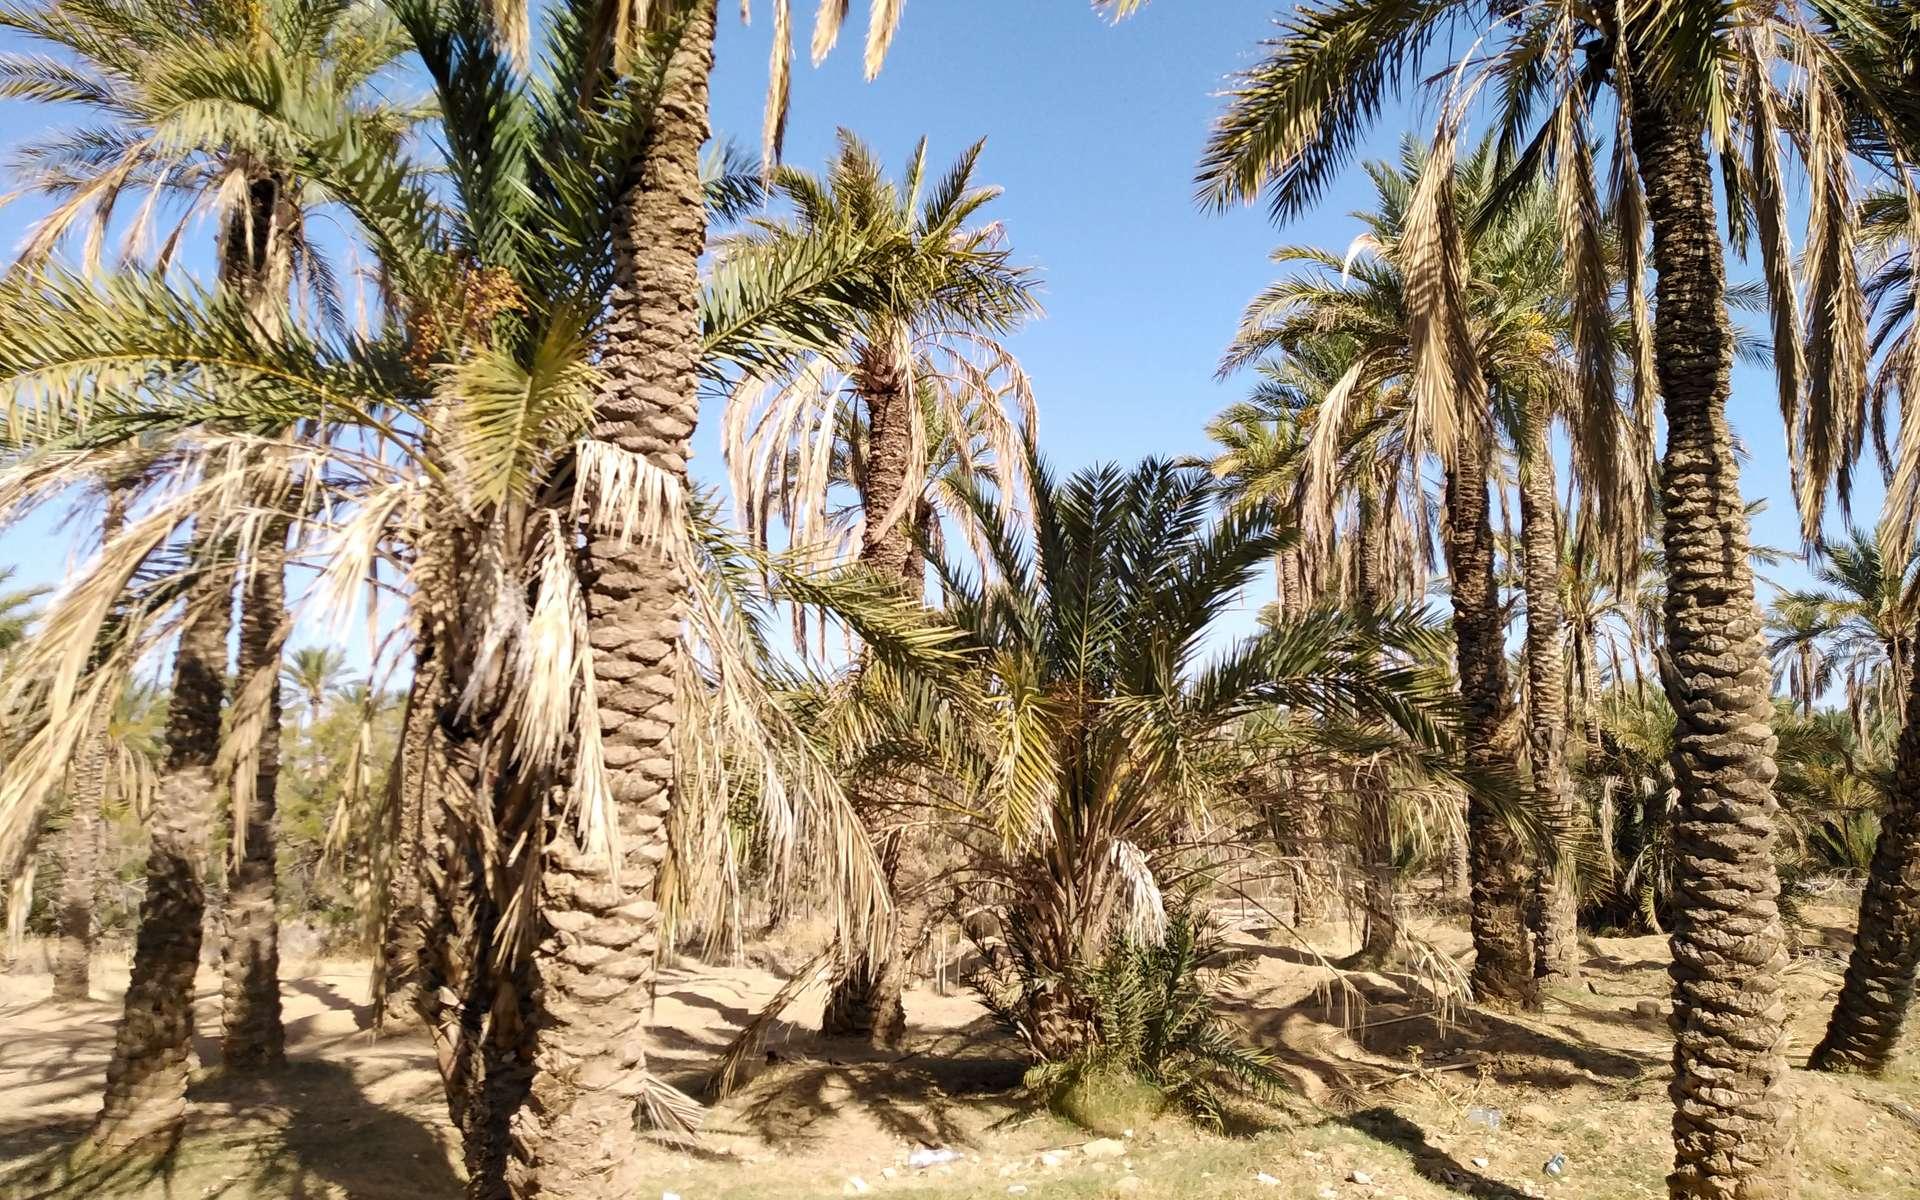 Dans le sud du Maroc, des oasis ancestrales sont menacées d'extinction. © Ali Selmi, Adobe Stock